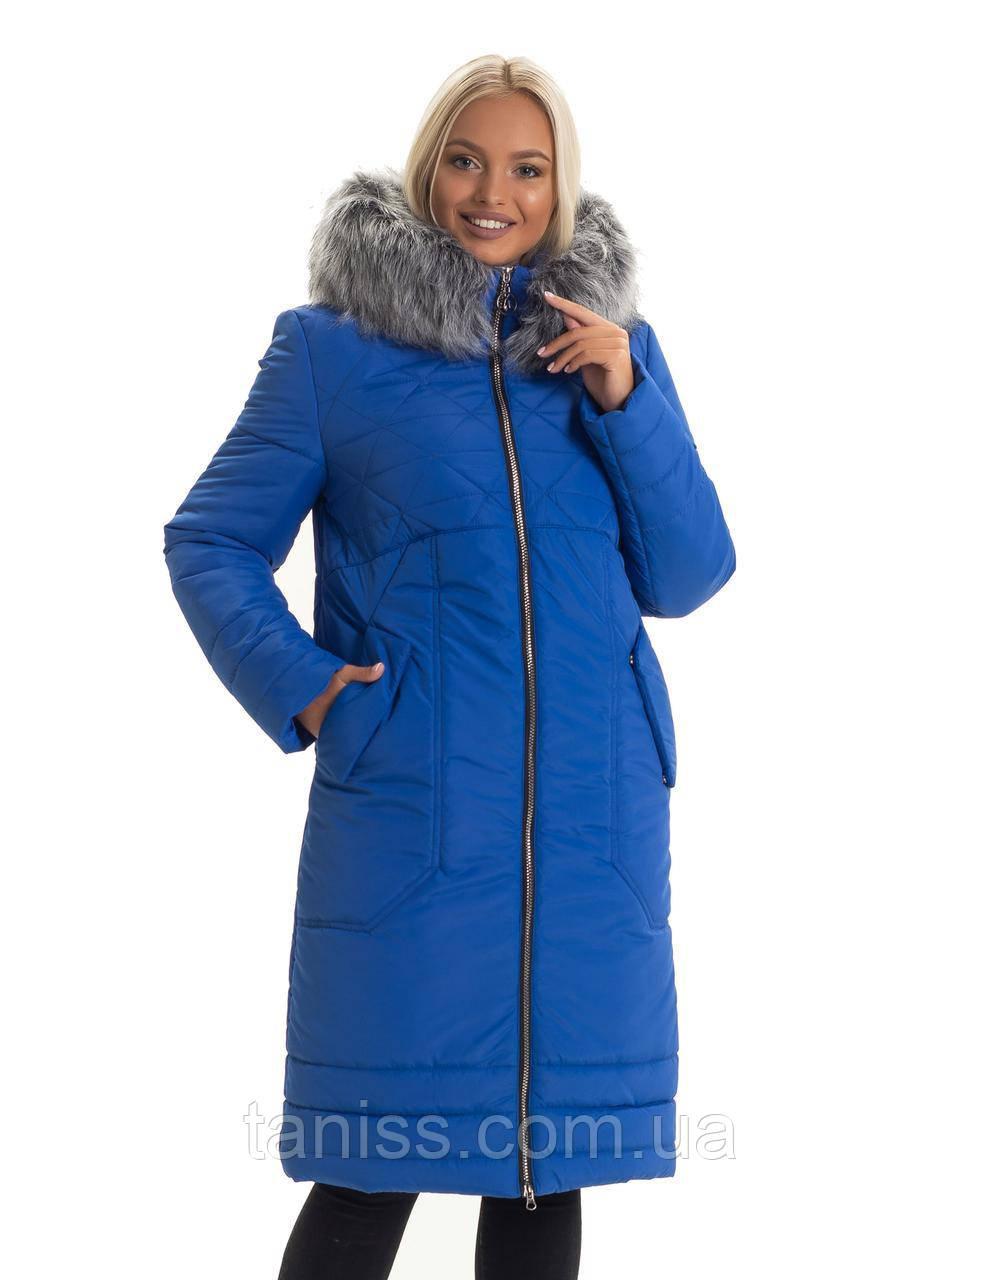 Зимовий жіночий пуховик великого розміру,хутро штучний Розміри 44. 46. 48. 50. 52. 56.58 електрик